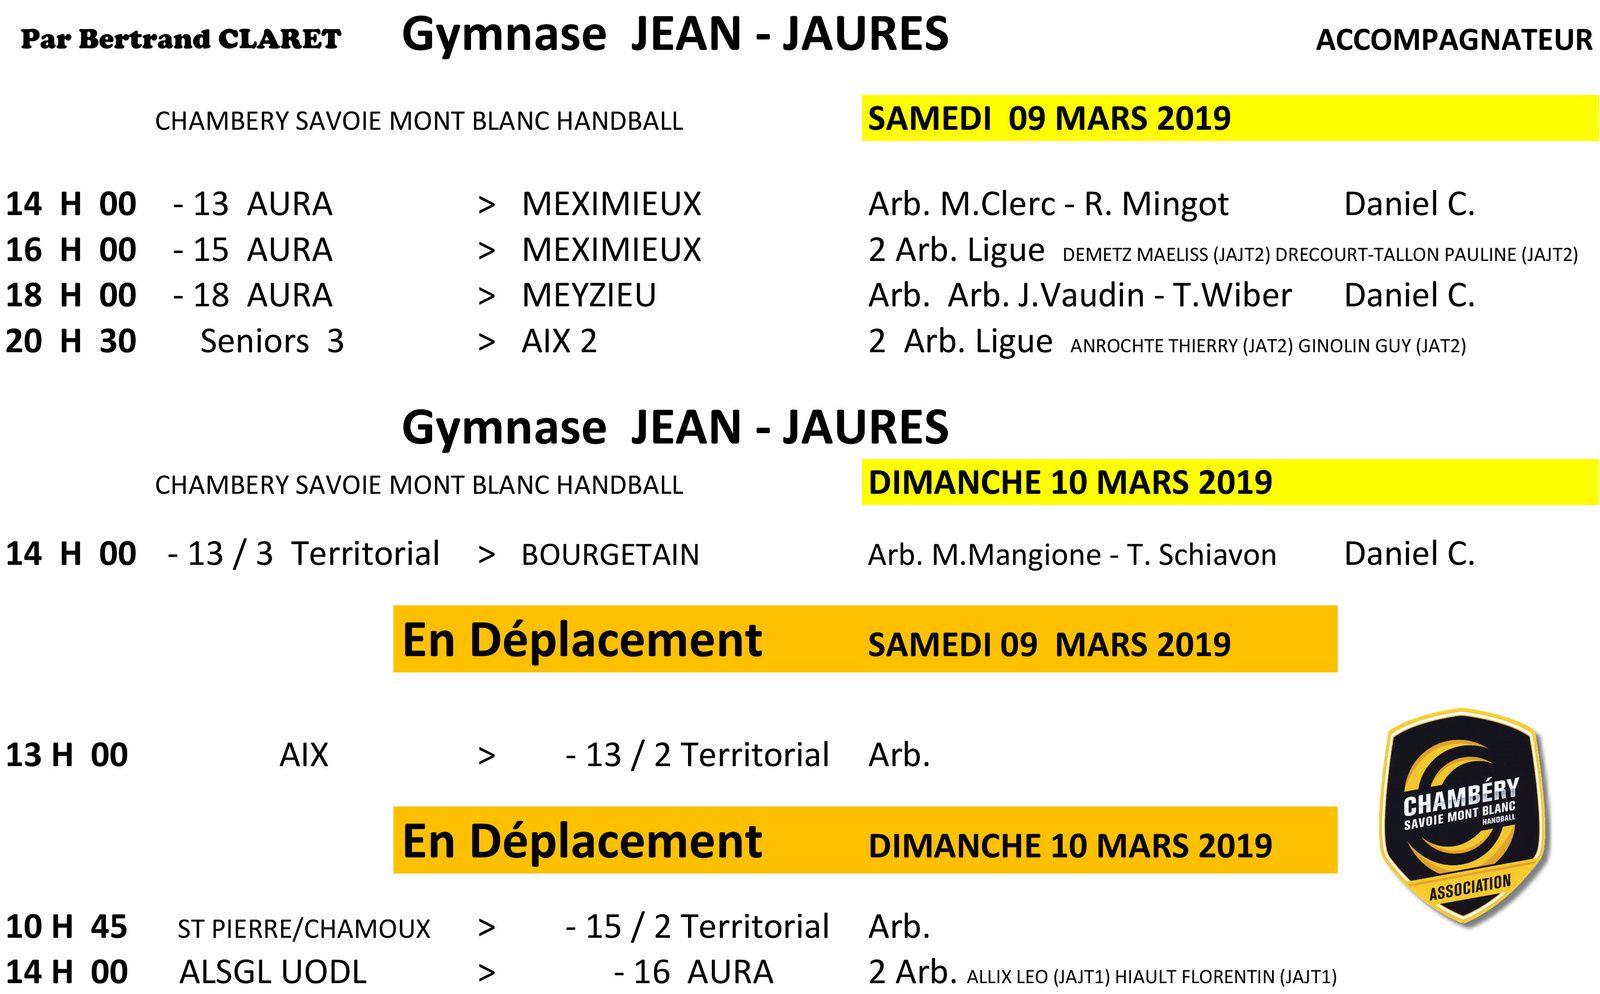 CHAMBERY amateur le planning des matchs du week-end 9 et 10 mars 2019 par Bertrand CLARET